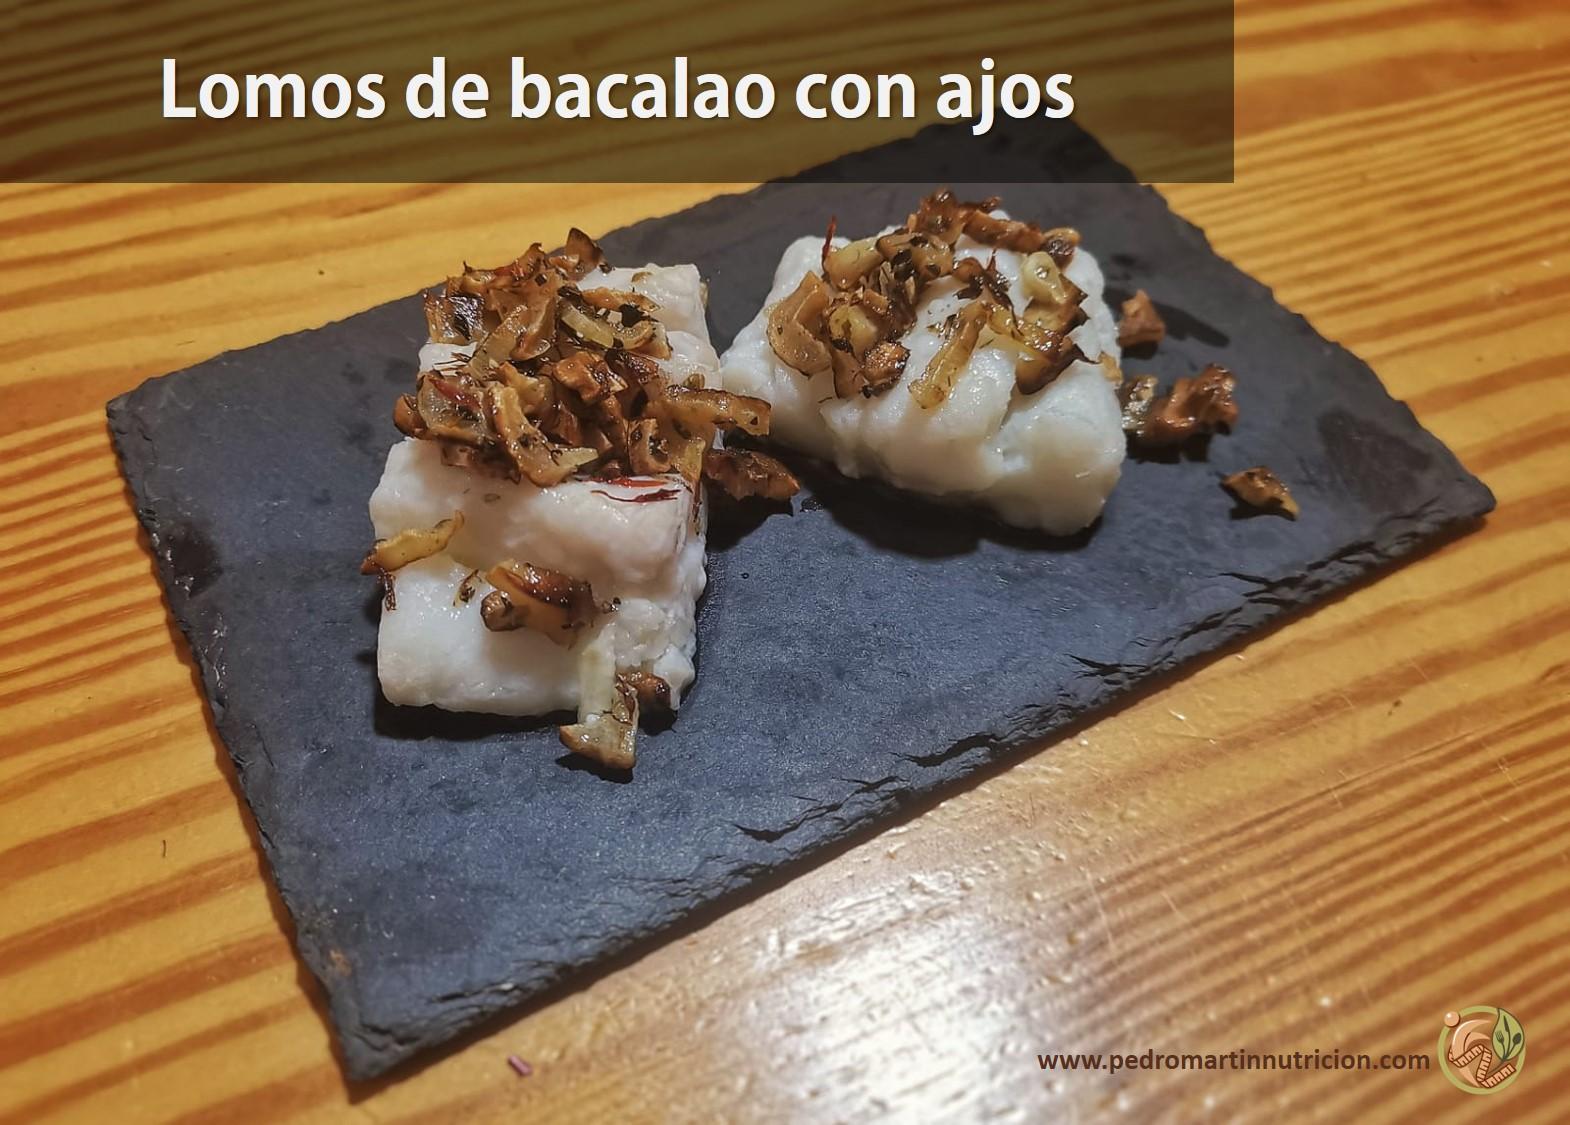 Receta de Lomos de Bacalao con ajos